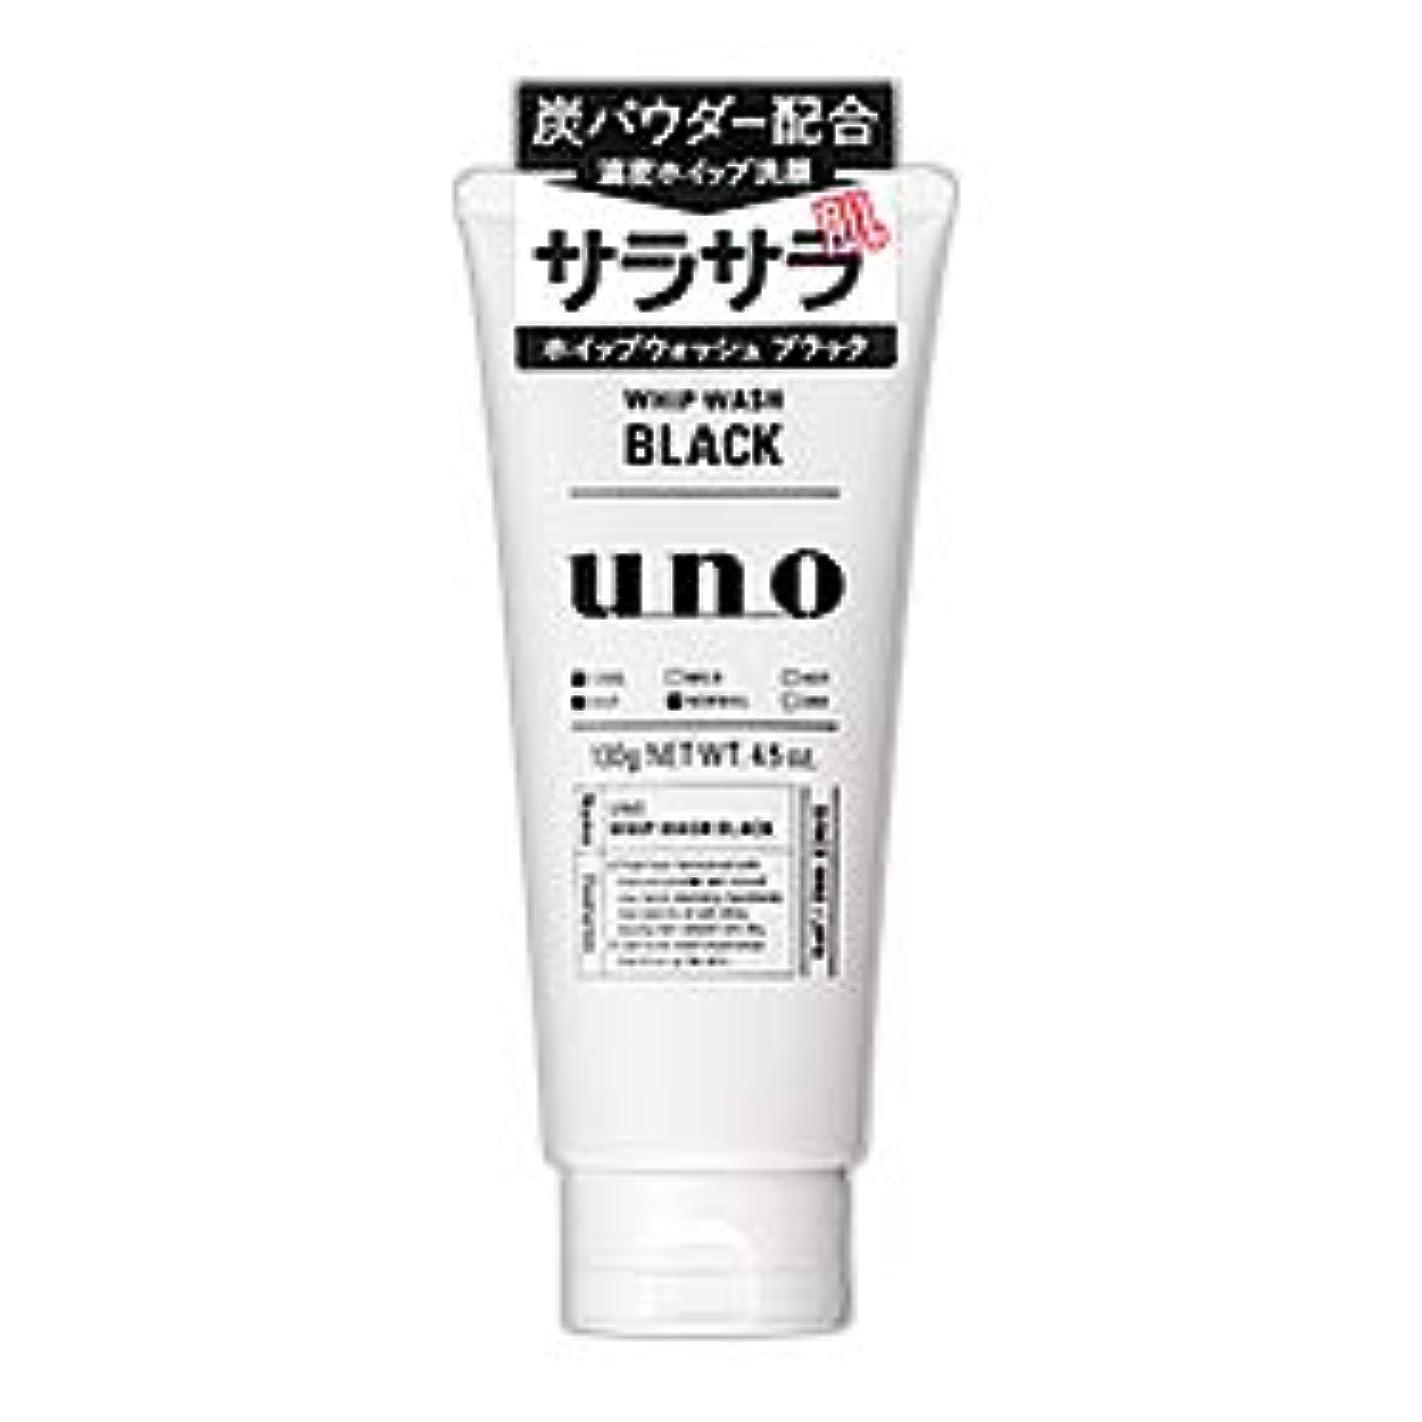 医療のブラスト激しい【資生堂】ウーノ(uno) ホイップウォッシュ (ブラック) 130g ×2個